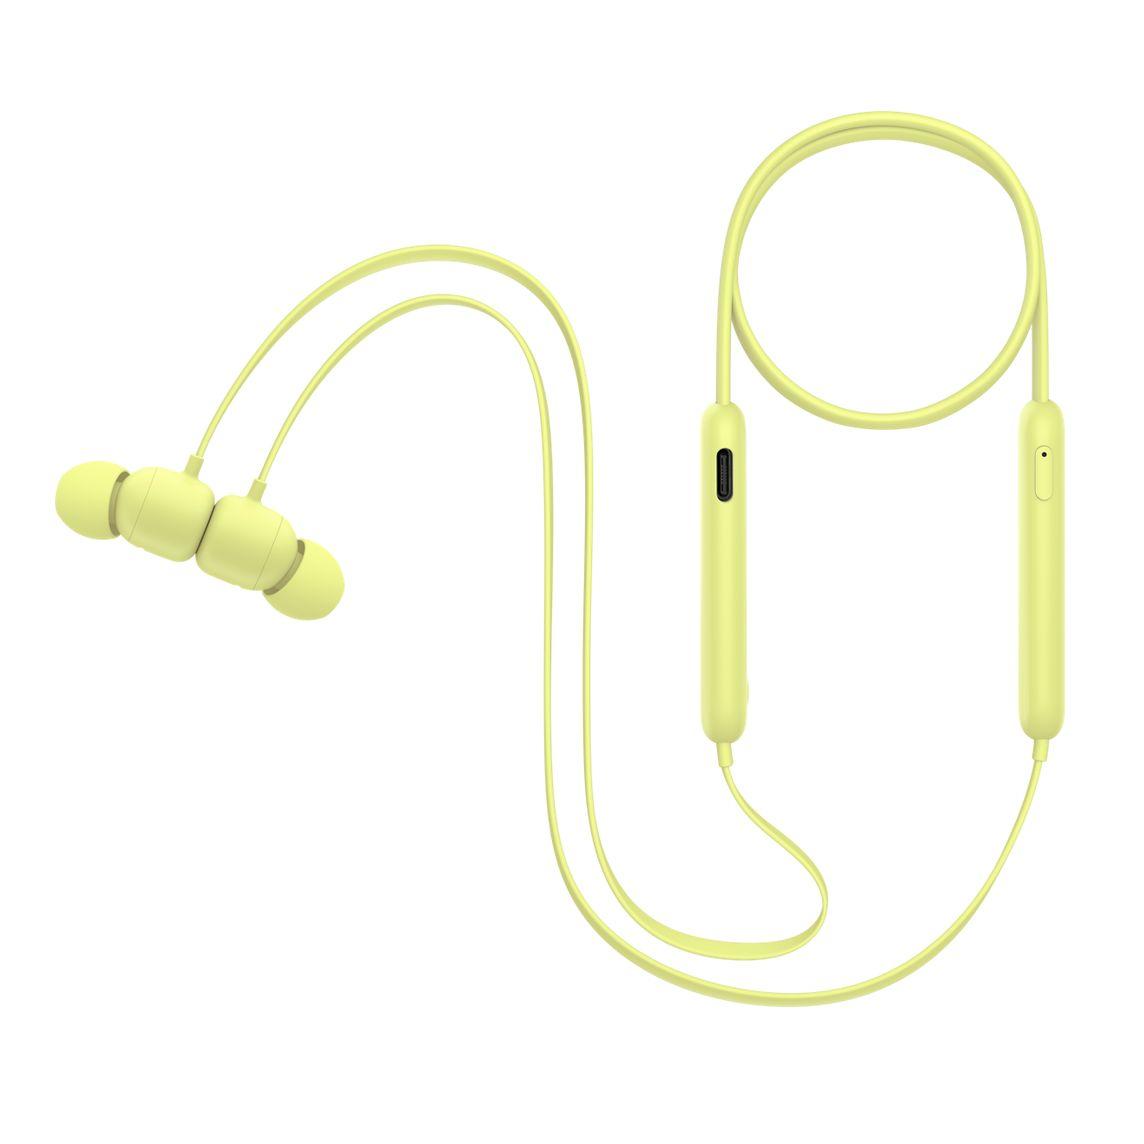 - Audifono In Ear Wireless Flex Beats / Amarillo 5